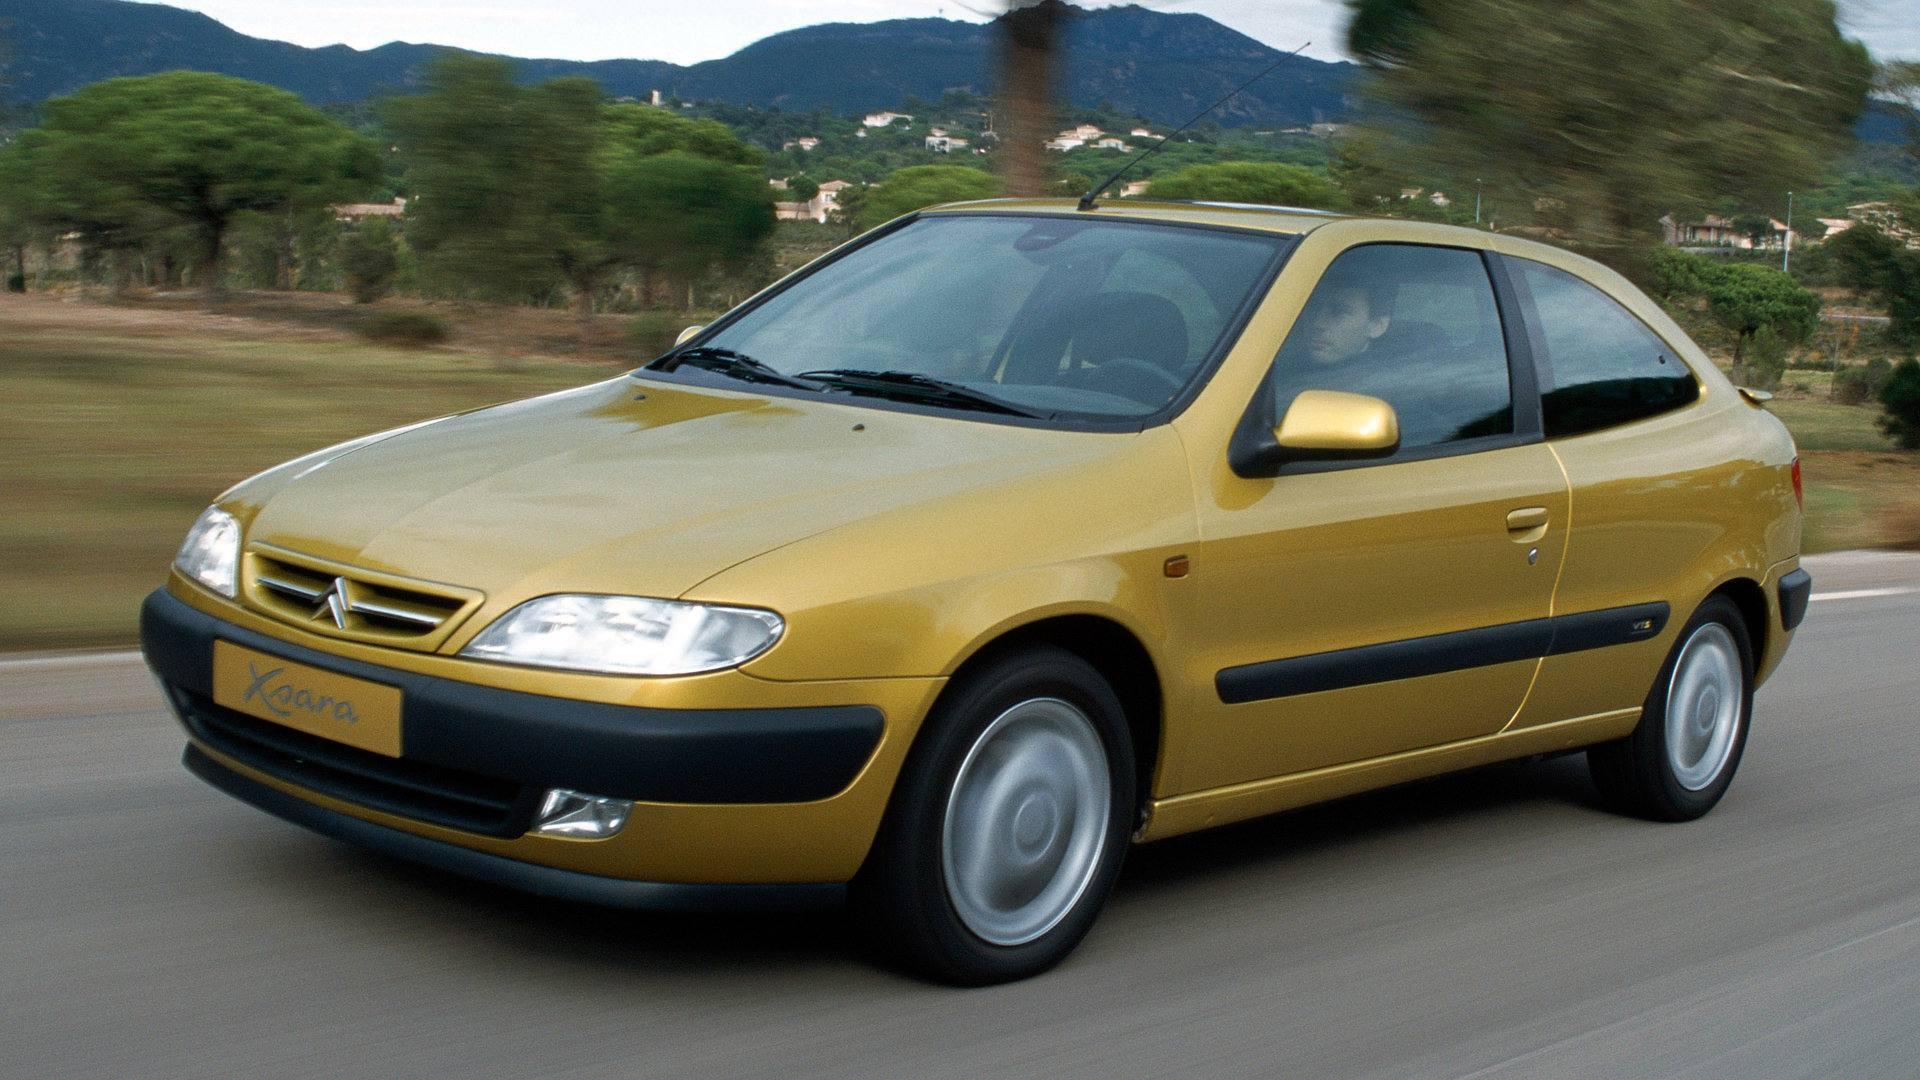 Coche del día: Citroën Xsara VTS 2.0